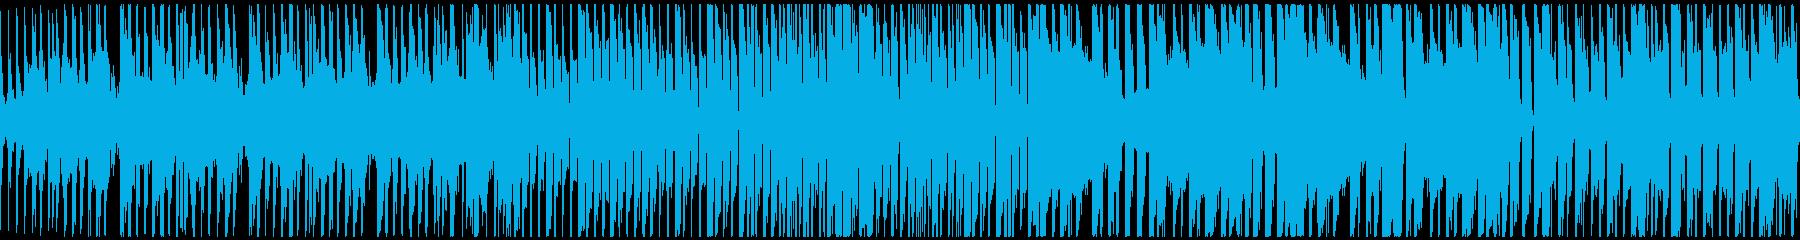 ピアノとブレイクビートのシンプルな曲の再生済みの波形